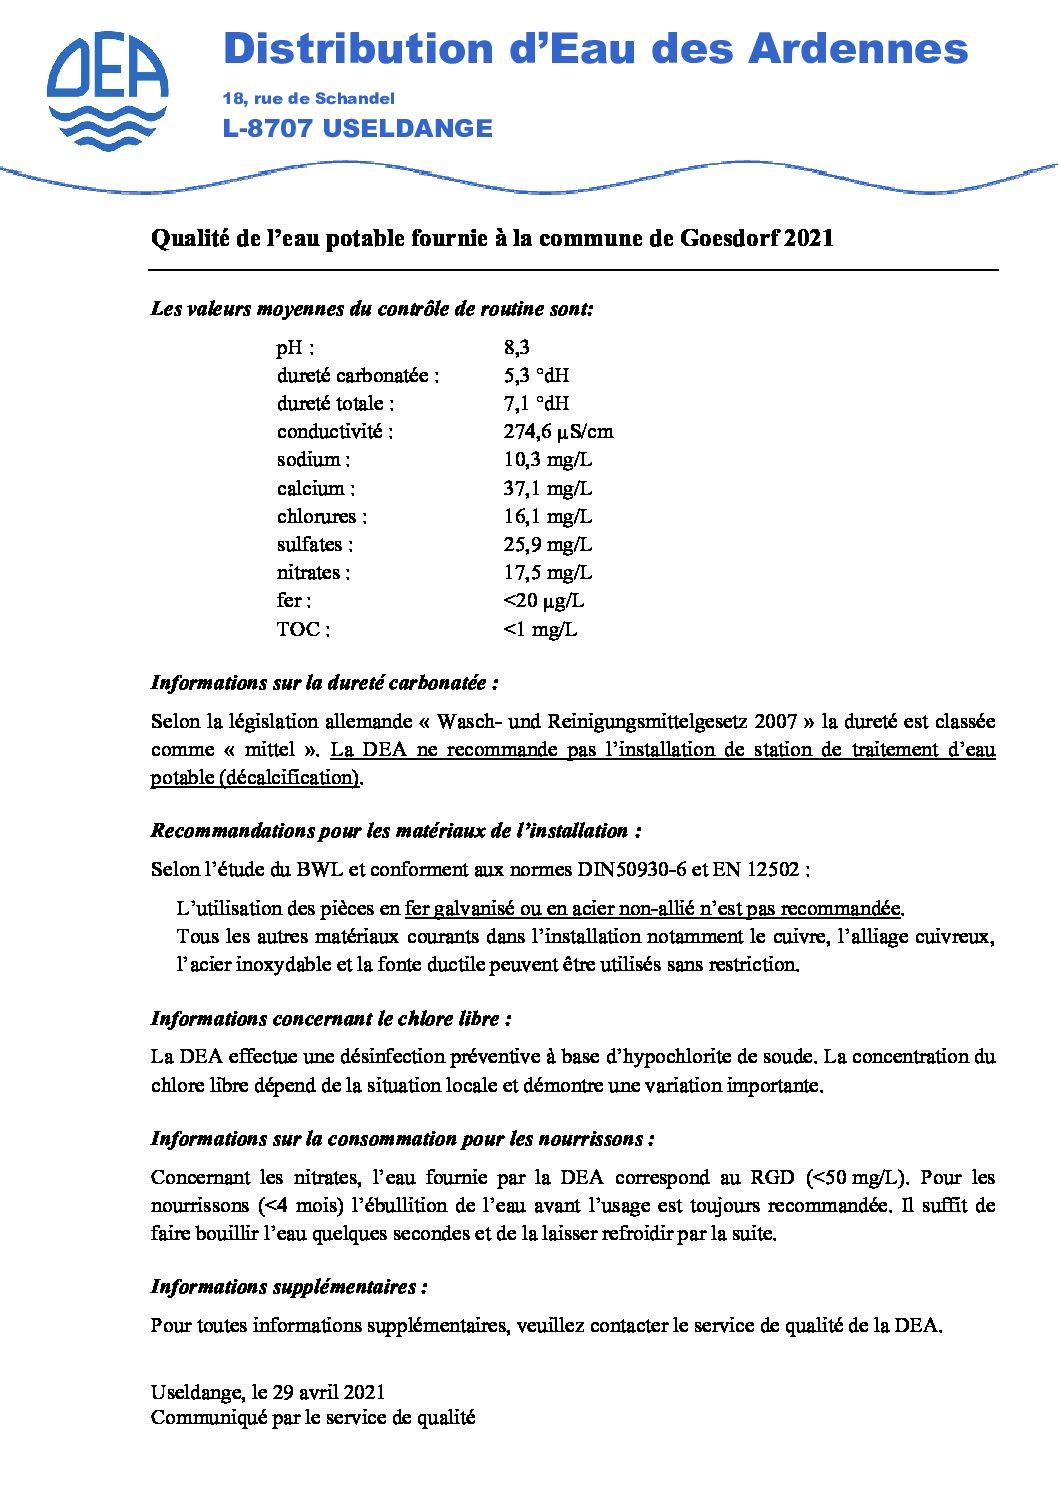 qualité d'eau fournie Goesdorf 2021